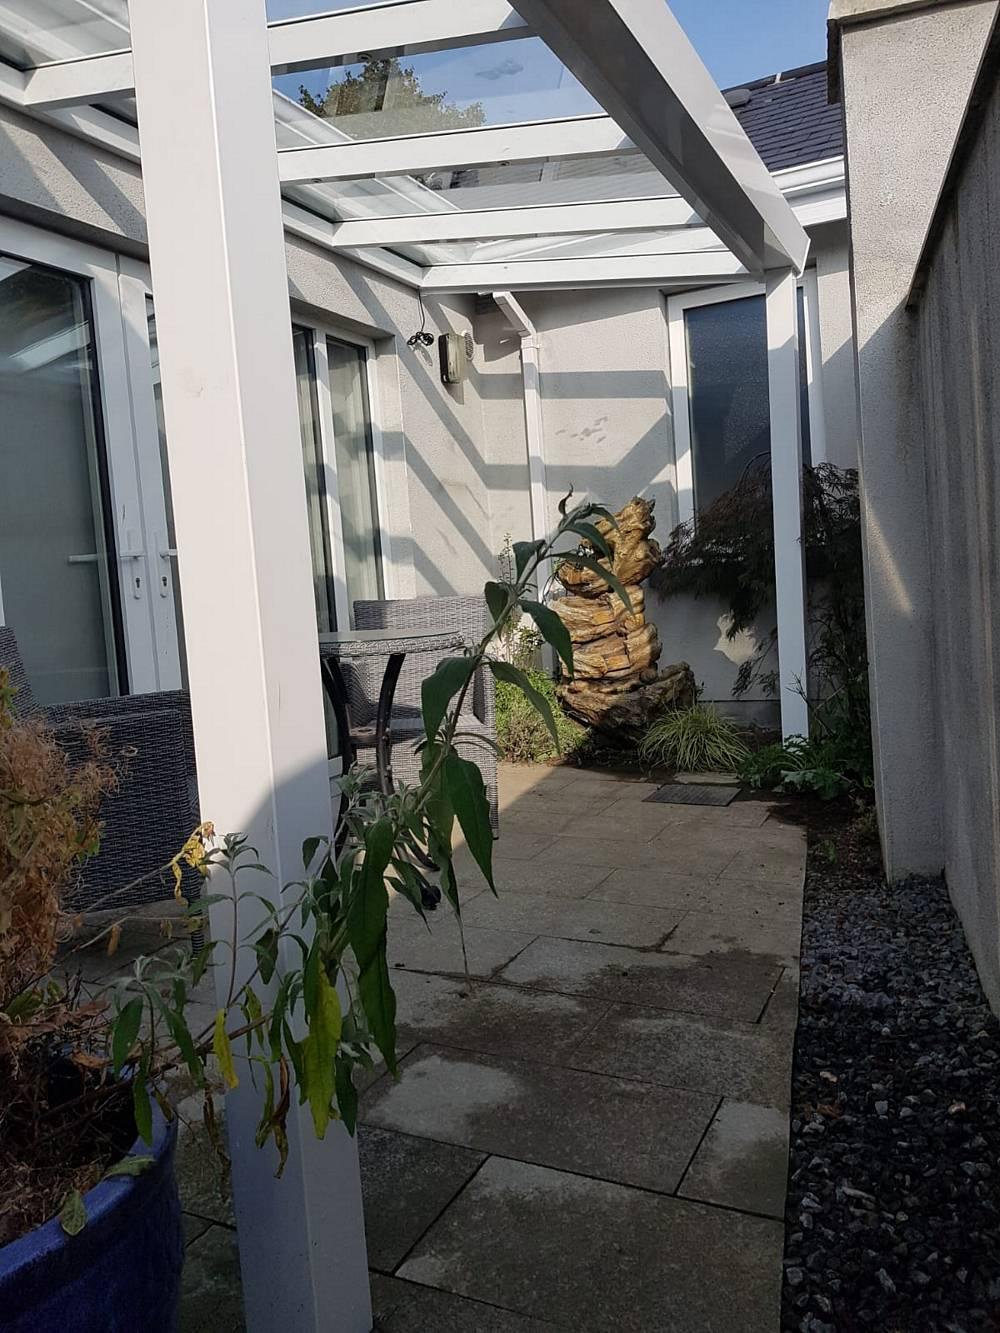 Veranda Installation in Dublin